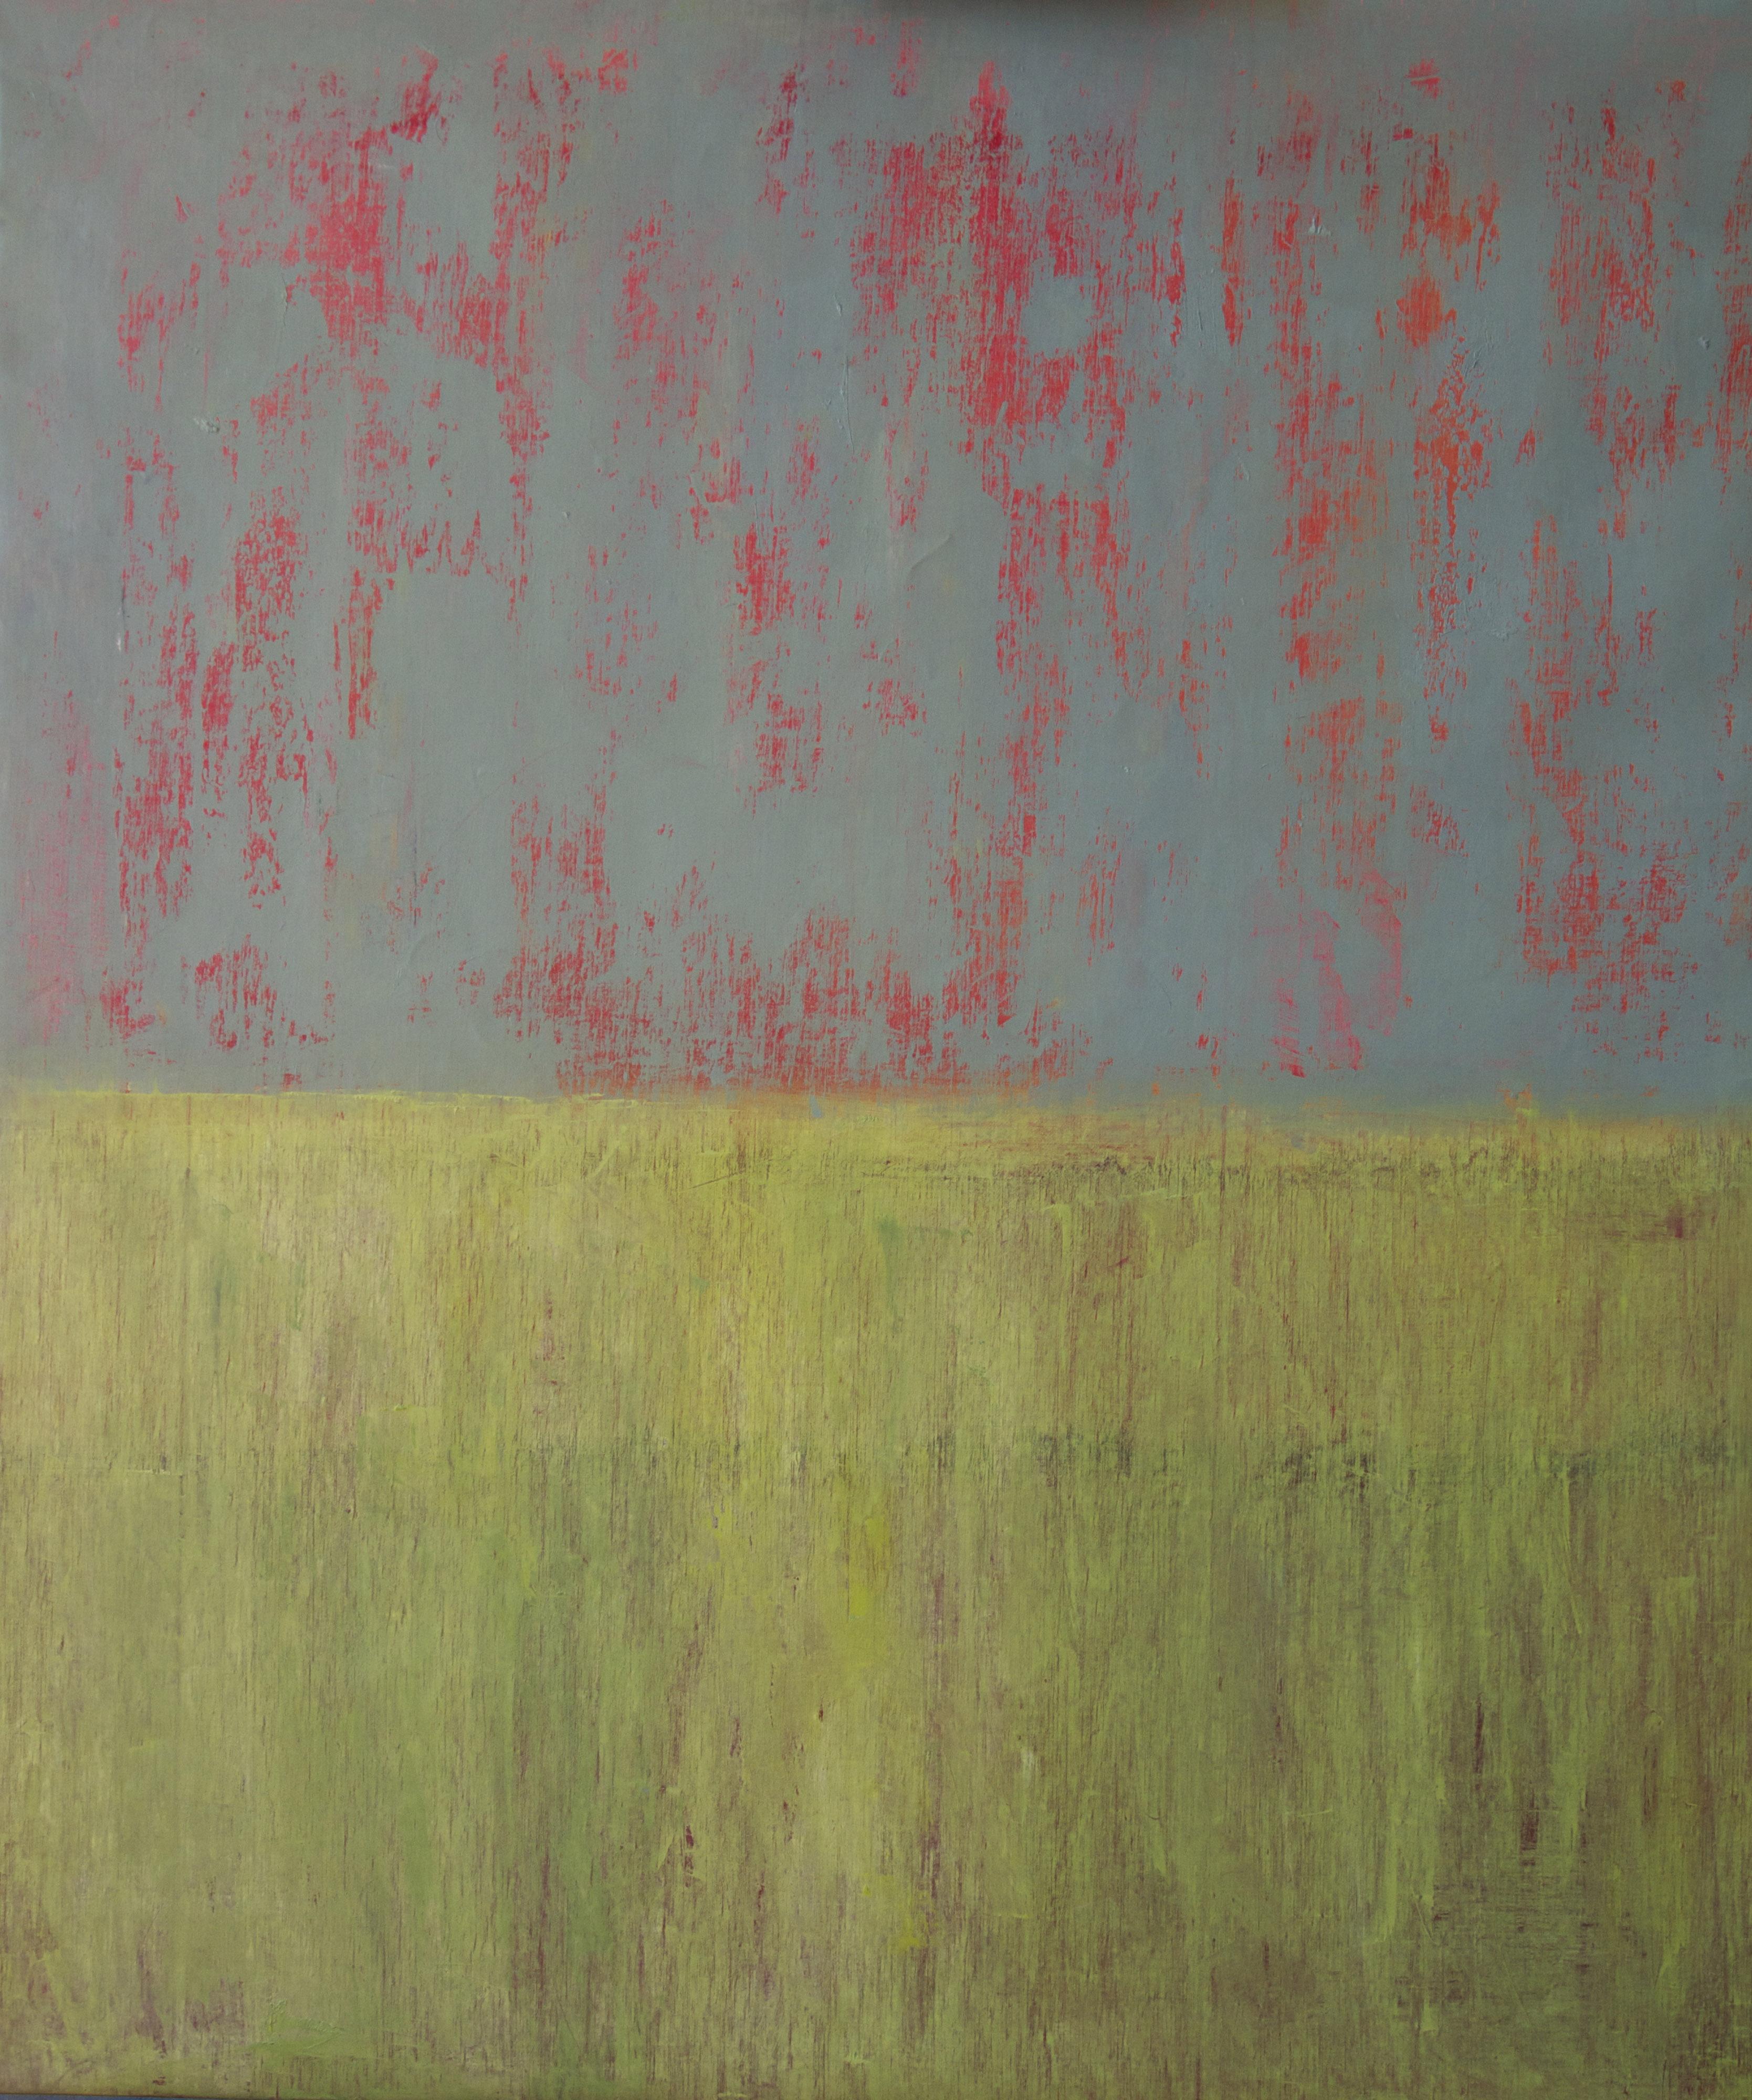 Jaune avec du Rouge en dessous,2010